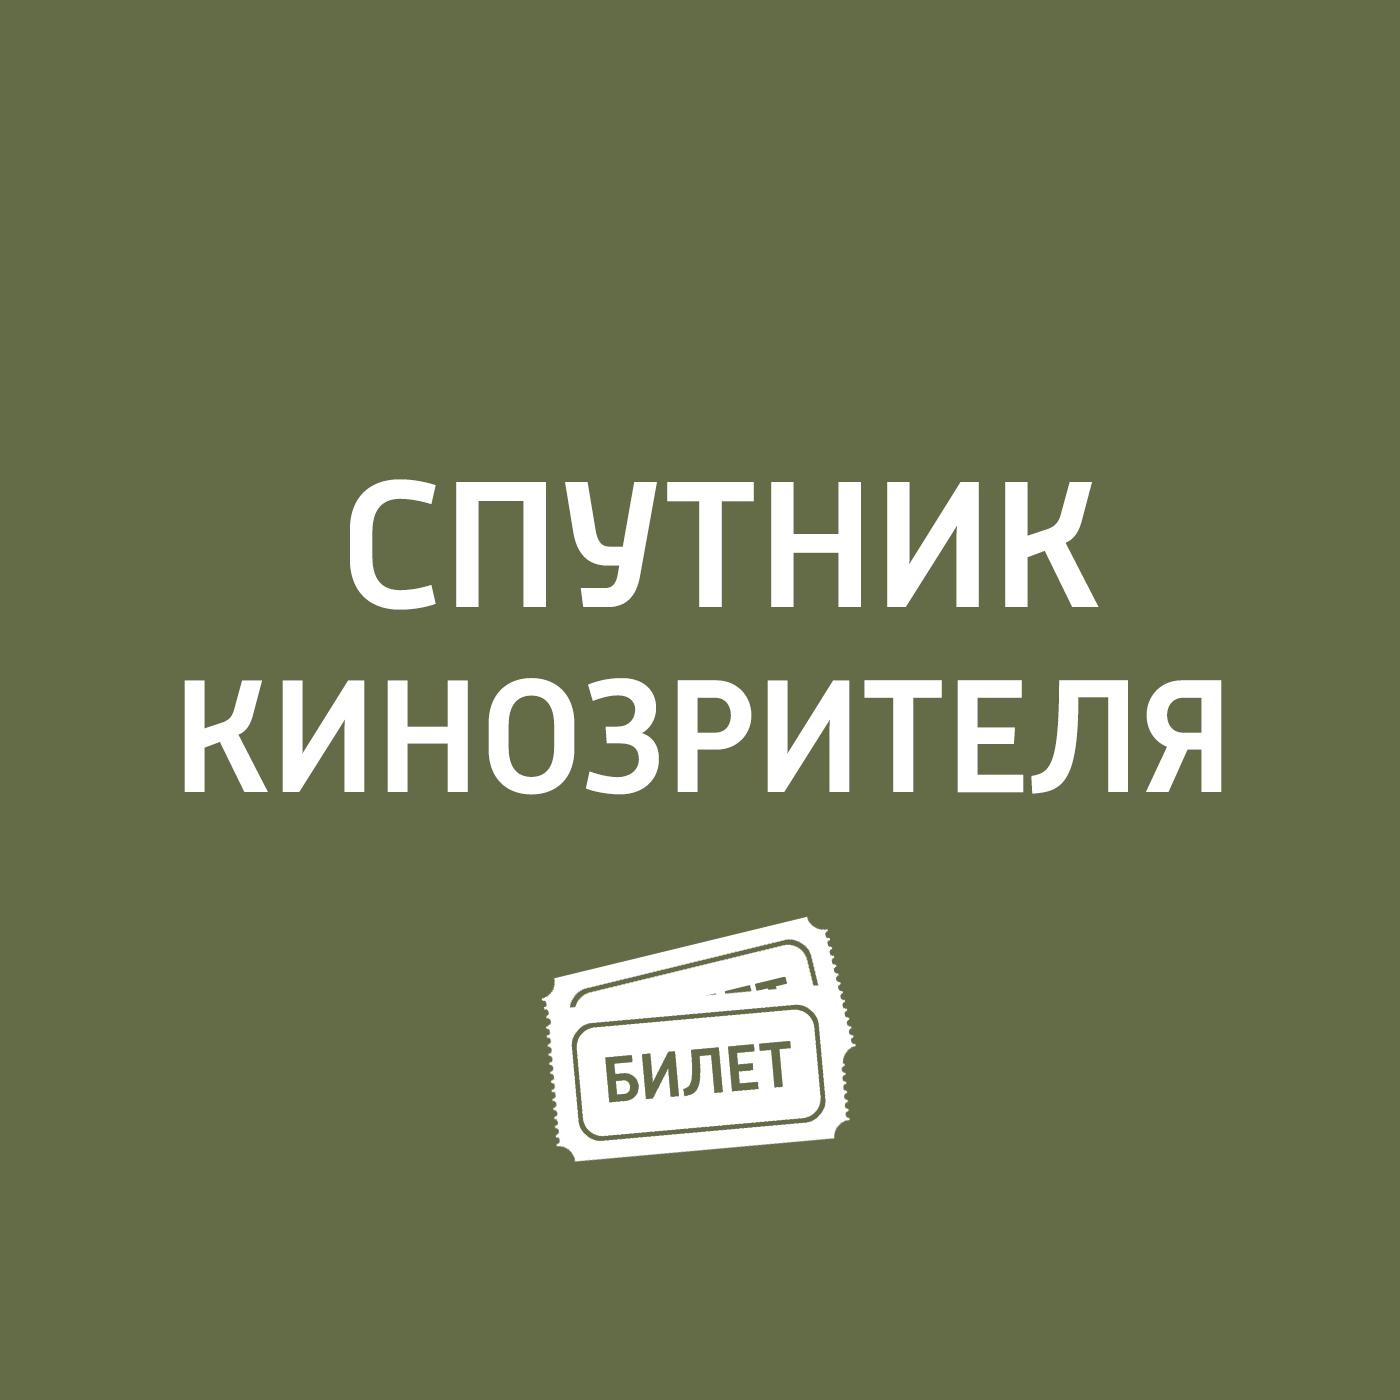 цена на Антон Долин Лучшее. Дэвид Линч